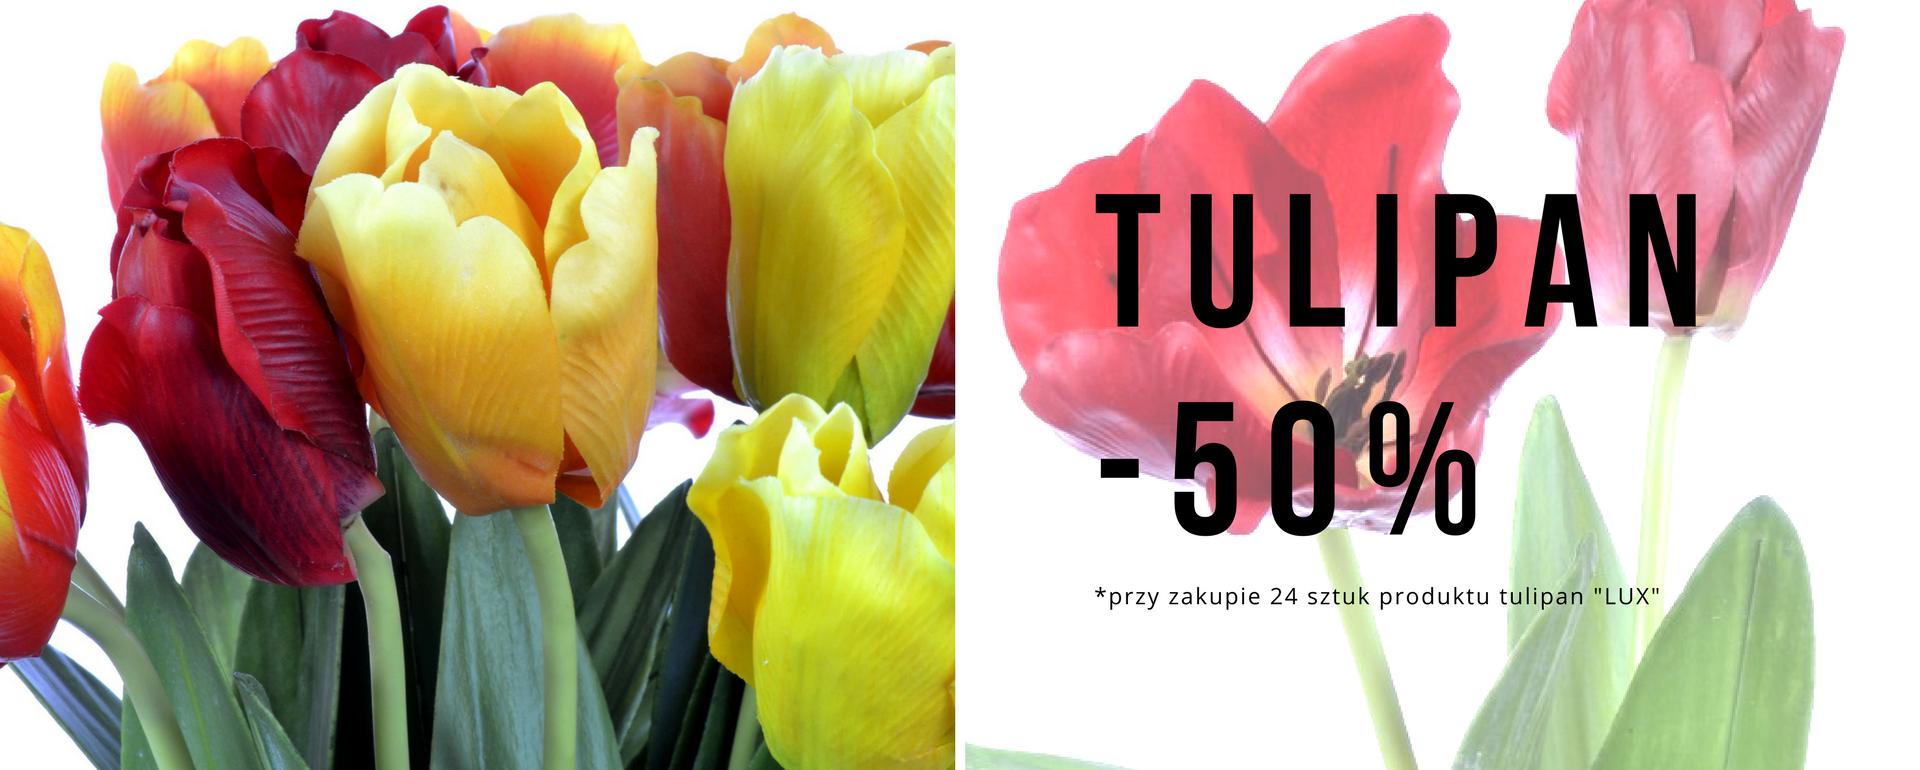 Tulipany -50% Wyprzedaż